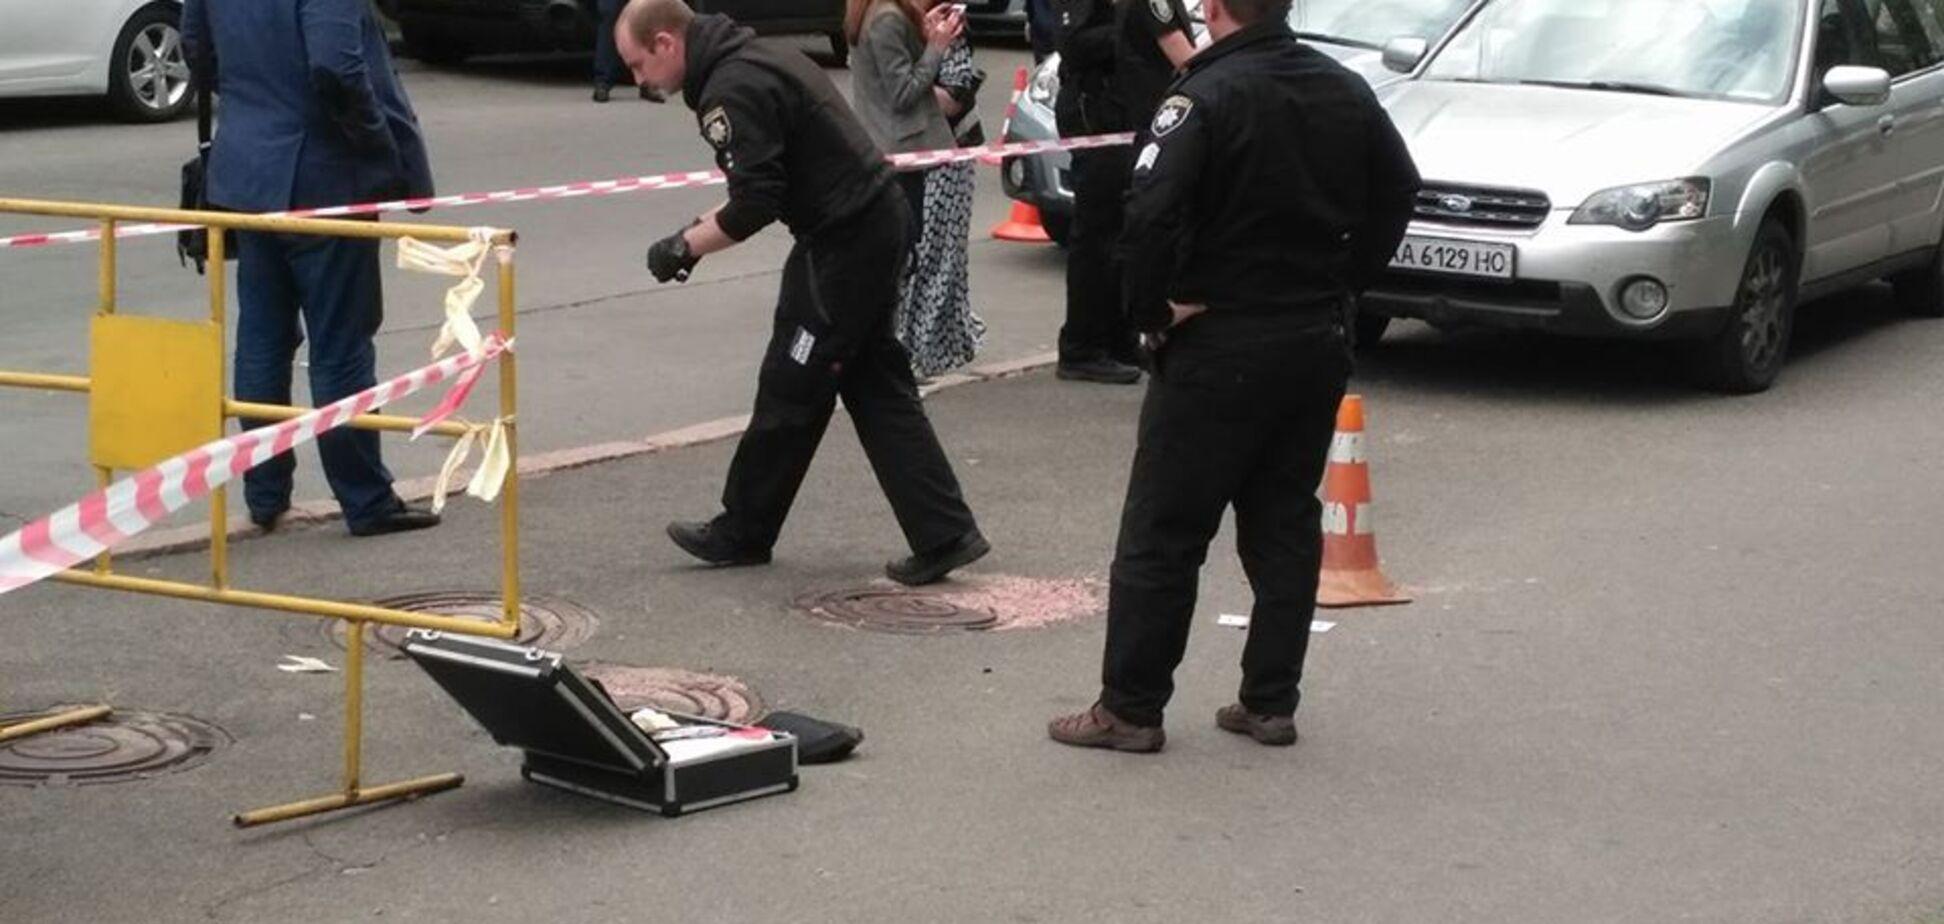 У центрі Києва розстріляли людину: подробиці, фото і відео